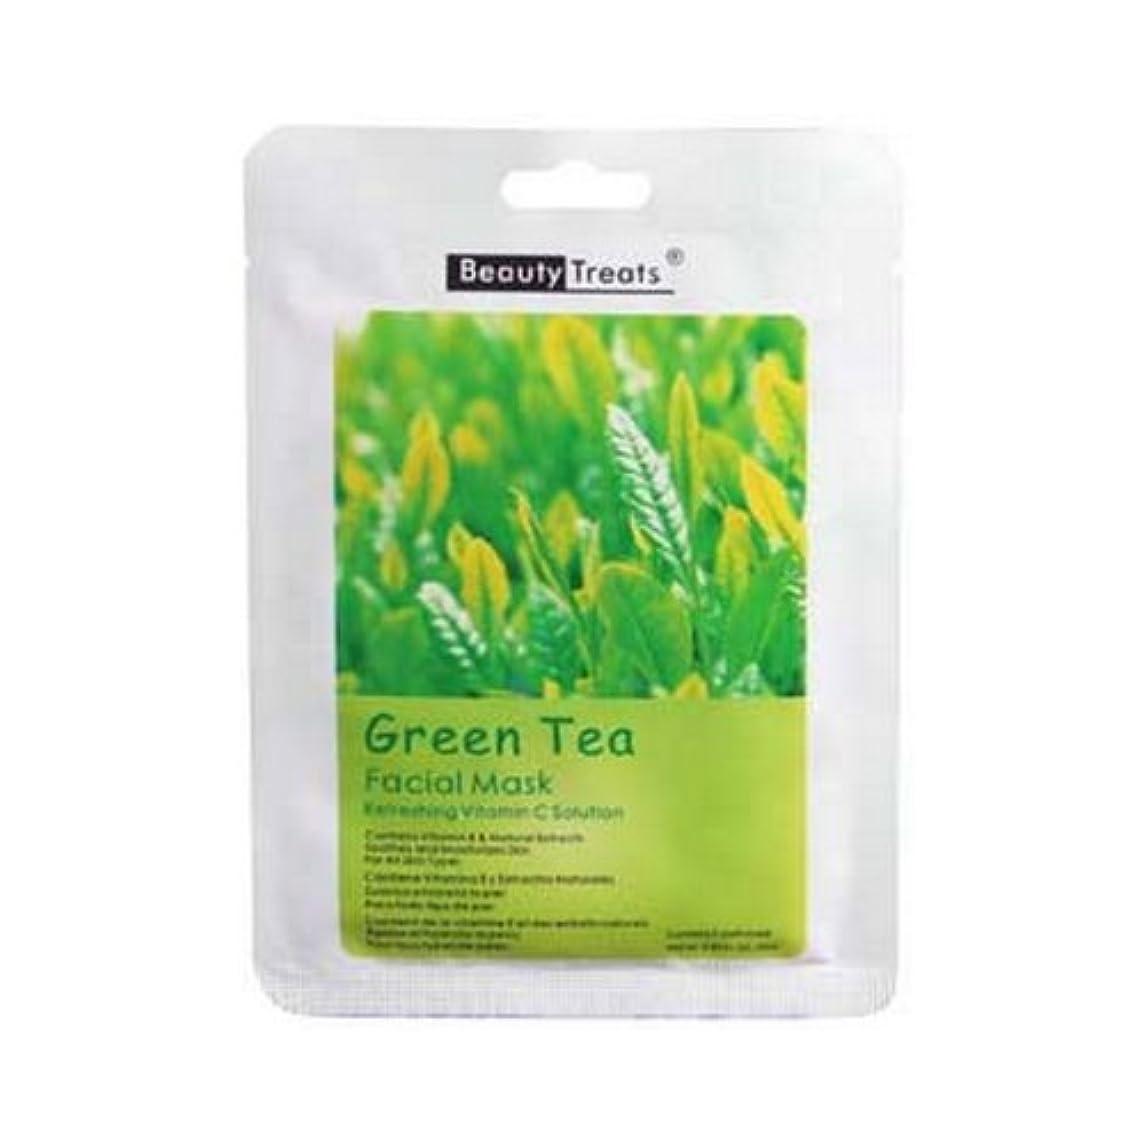 電圧曲がった楽しませる(3 Pack) BEAUTY TREATS Facial Mask Refreshing Vitamin C Solution - Green Tea (並行輸入品)